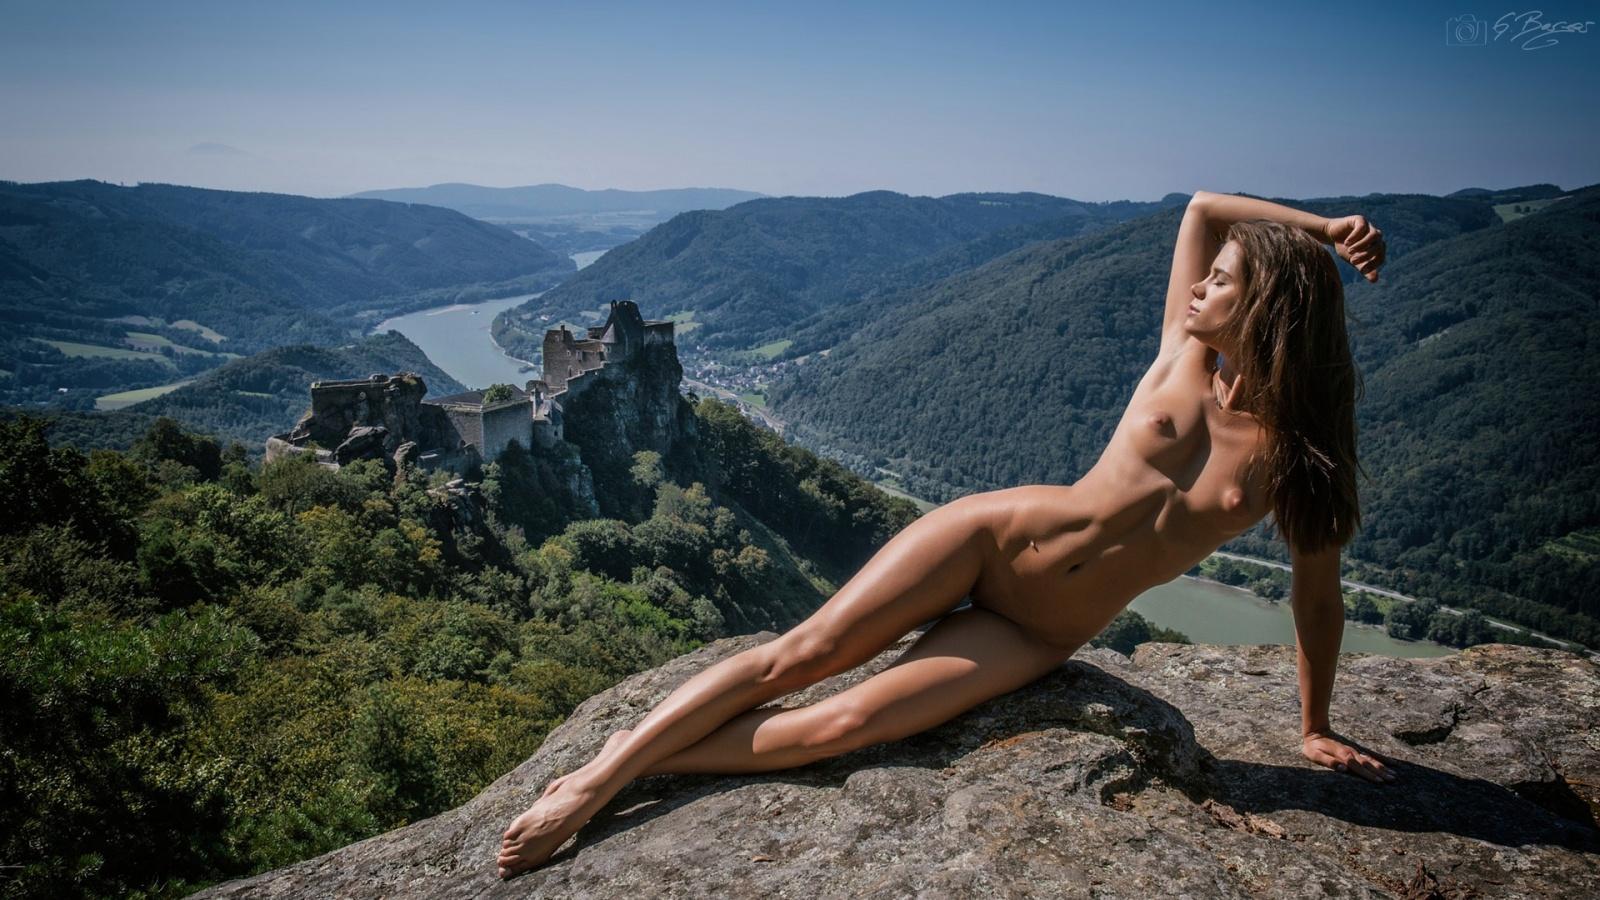 little caprice nude videos